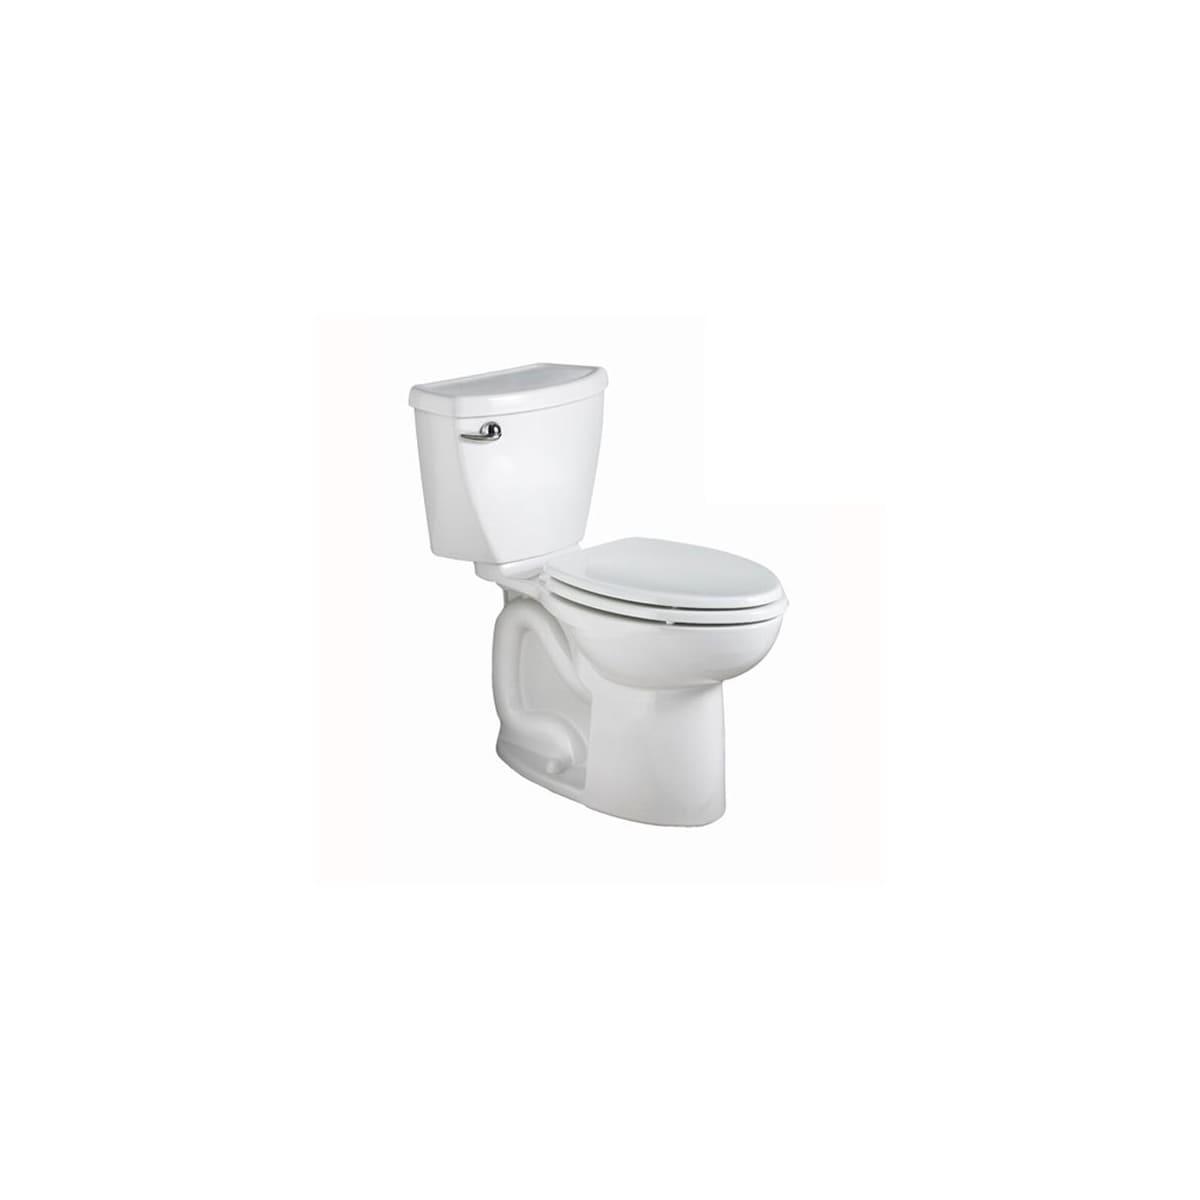 Peachy American Standard 2235 128Us Build Com Inzonedesignstudio Interior Chair Design Inzonedesignstudiocom